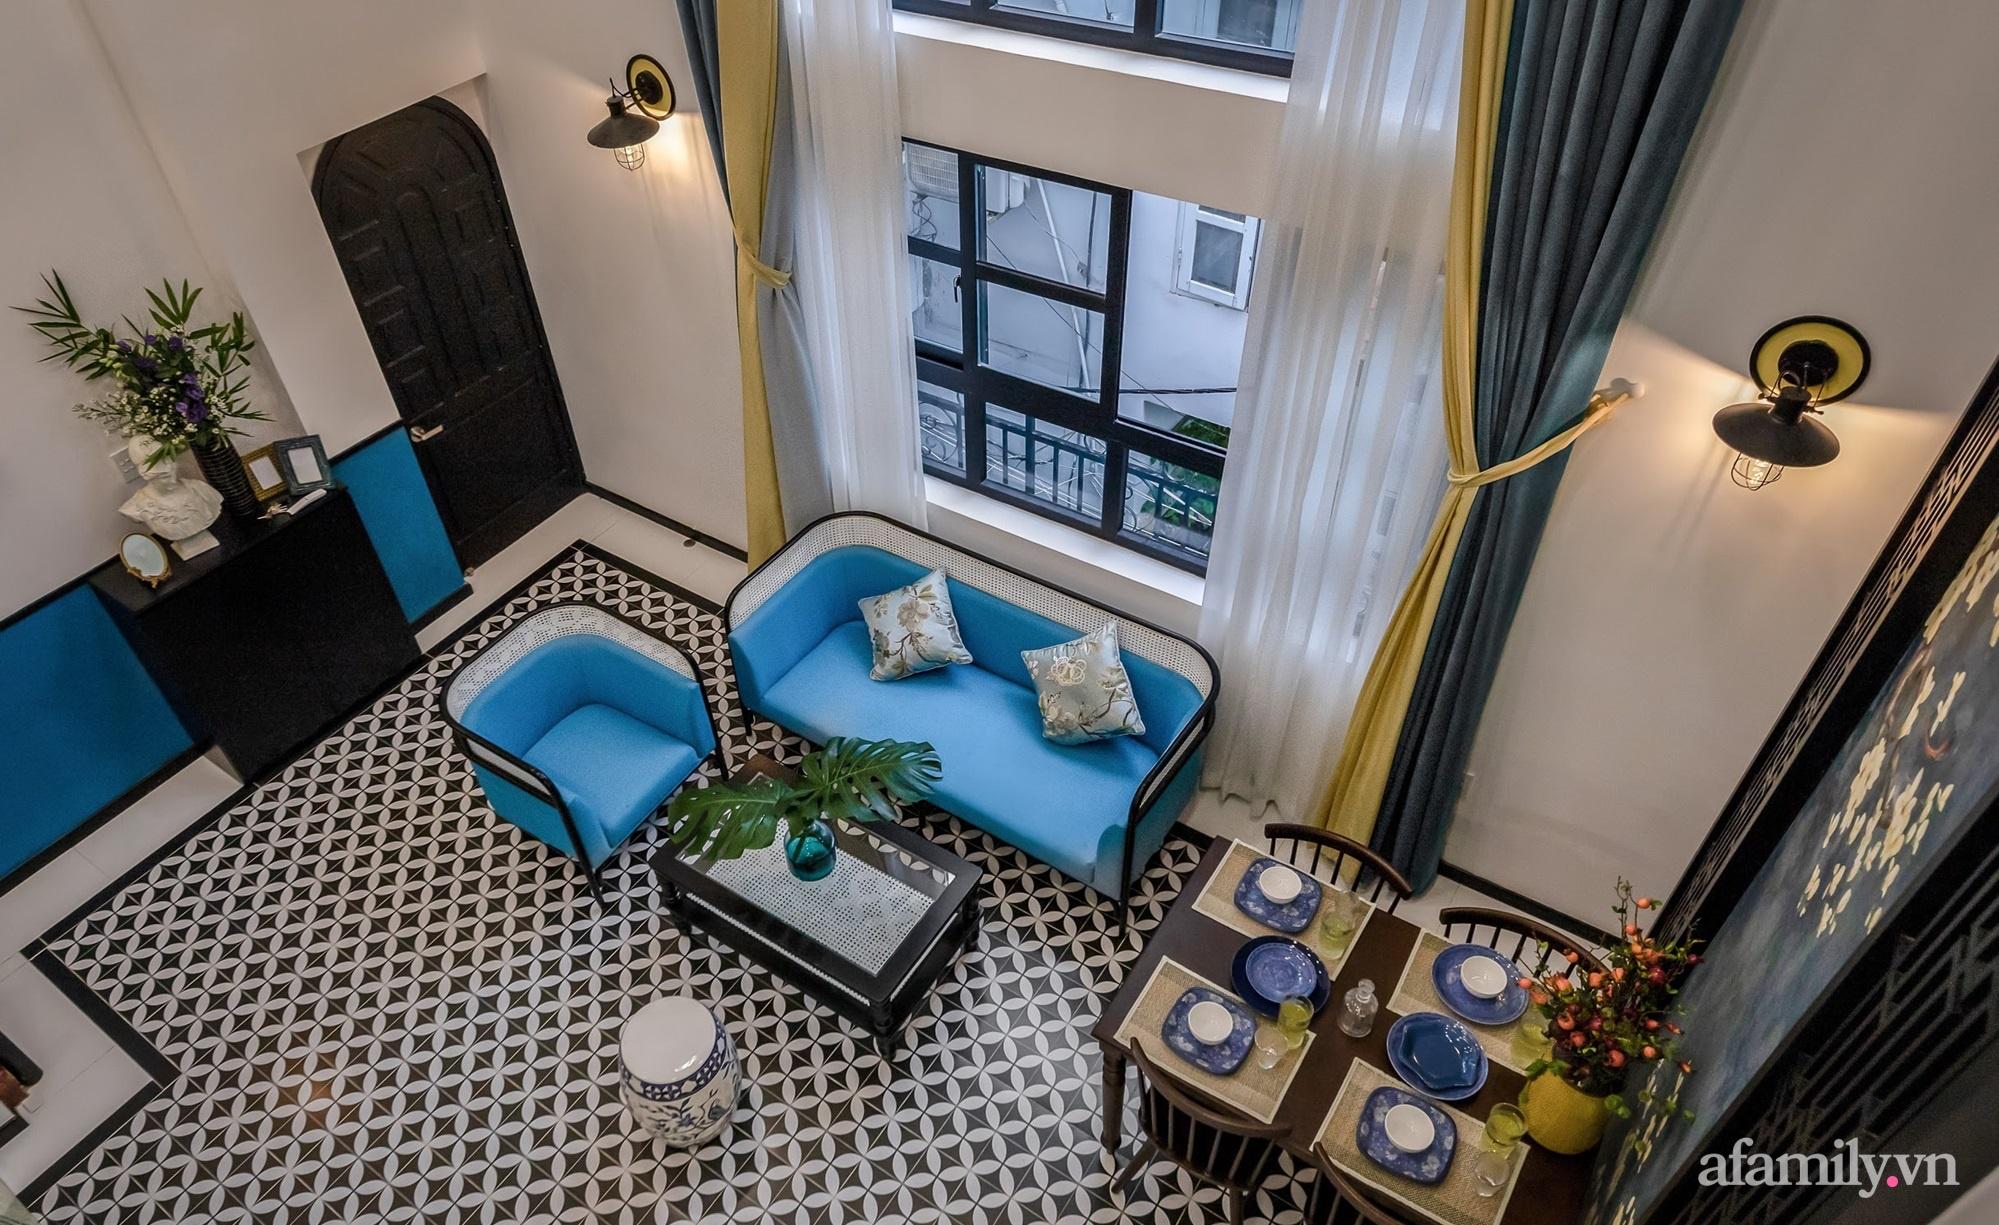 Cải tạo căn hộ tập thể 85m² thành không gian phảng phất vẻ đẹp Đông Dương với chi phí 700 triệu đồng ở Sài Gòn - Ảnh 4.